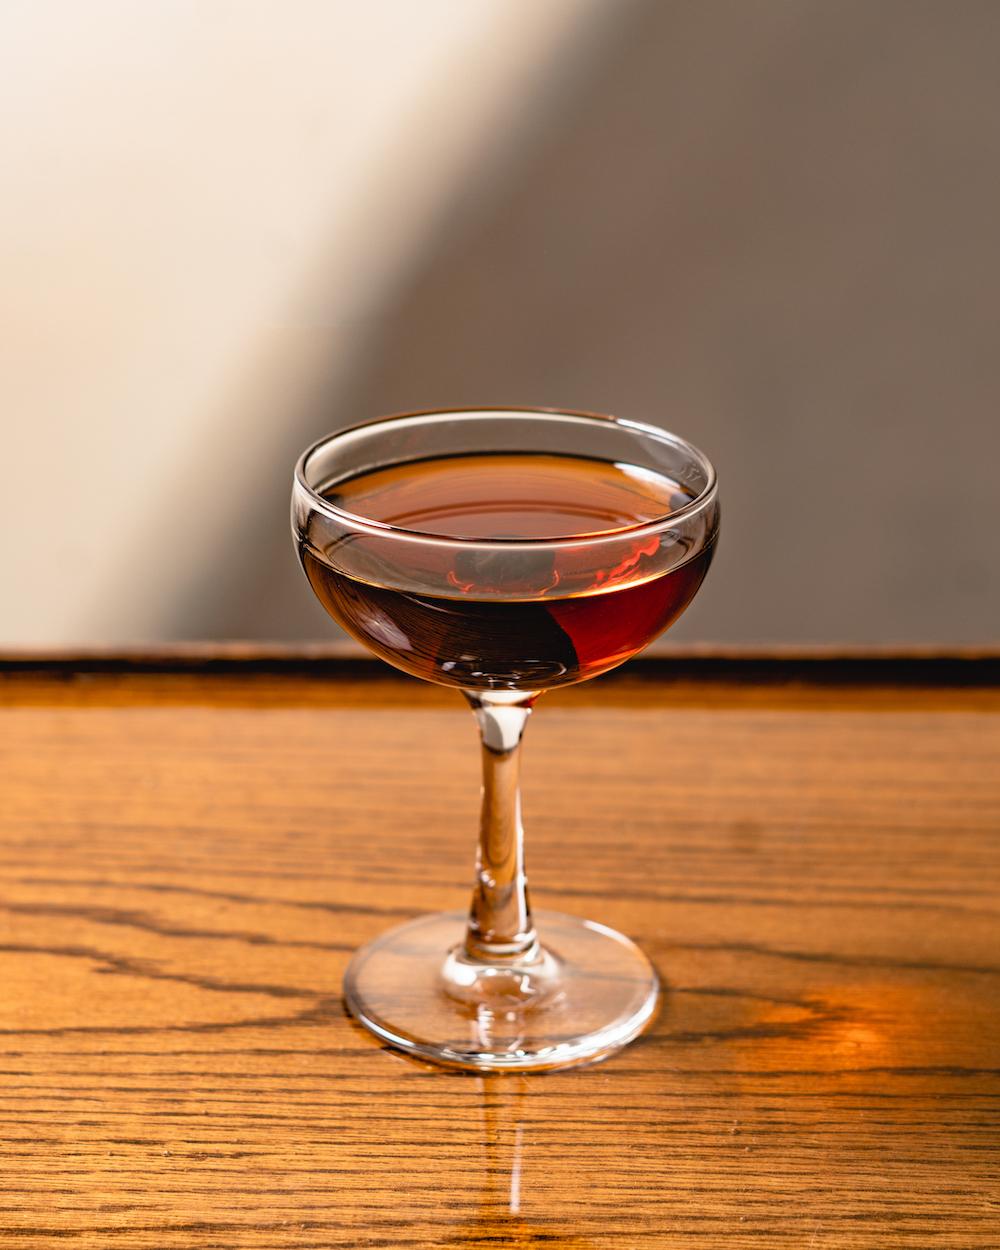 Louis'a Manhattan Recipe | Nelsons Greenbrier Distillery